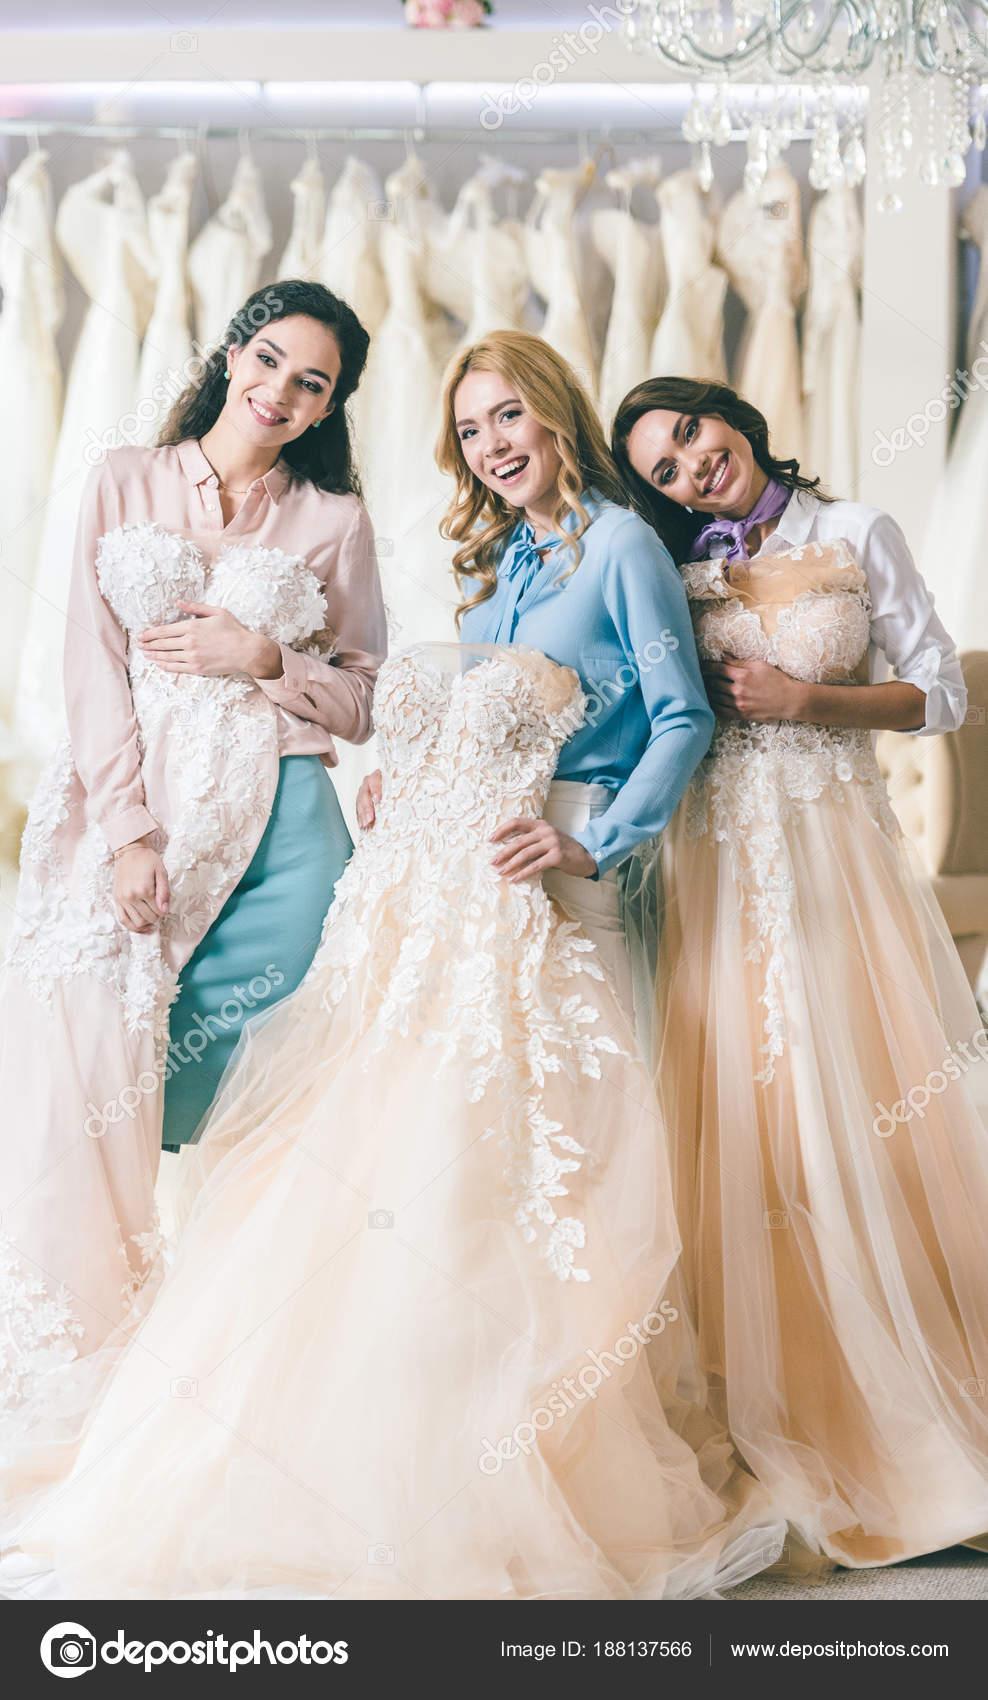 3aaf6766b Mujeres Atractivas Con Vestidos Novia Tienda Moda Boda — Foto de Stock